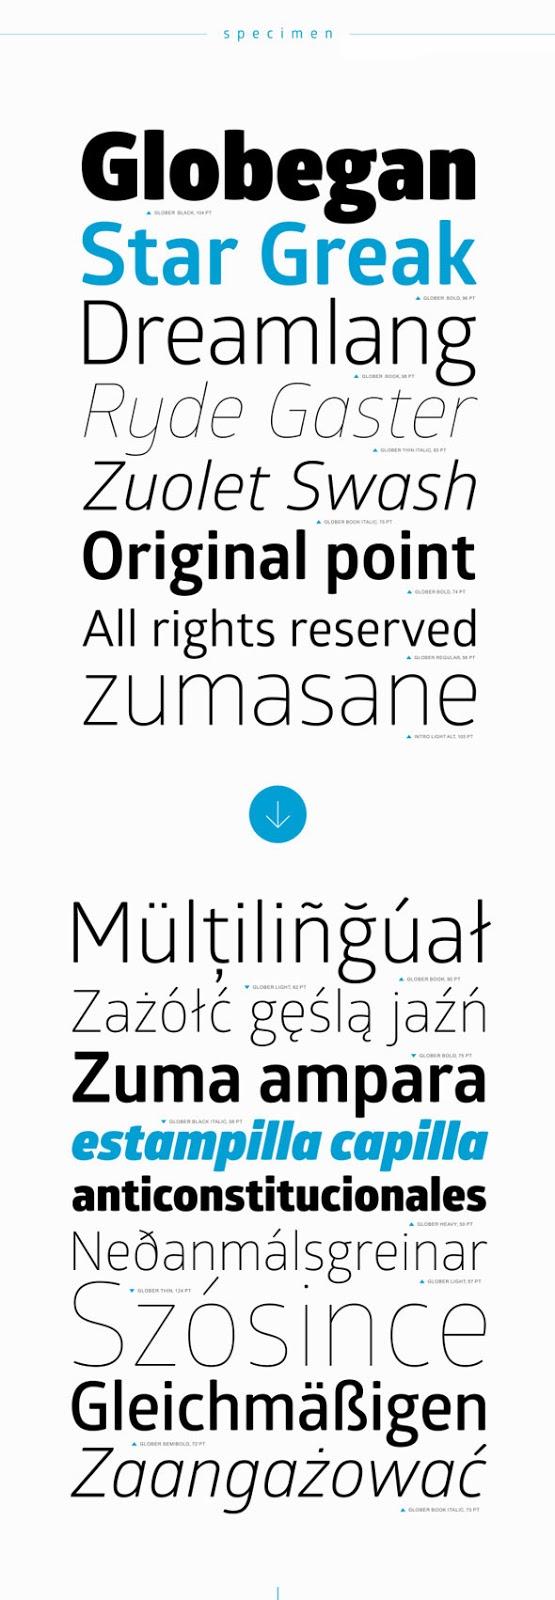 http://1.bp.blogspot.com/-KfXS9_WeVTw/UxjXeTE2q5I/AAAAAAAAYv4/3ykpH2n5d9A/s1600/6.free-fonts.jpg